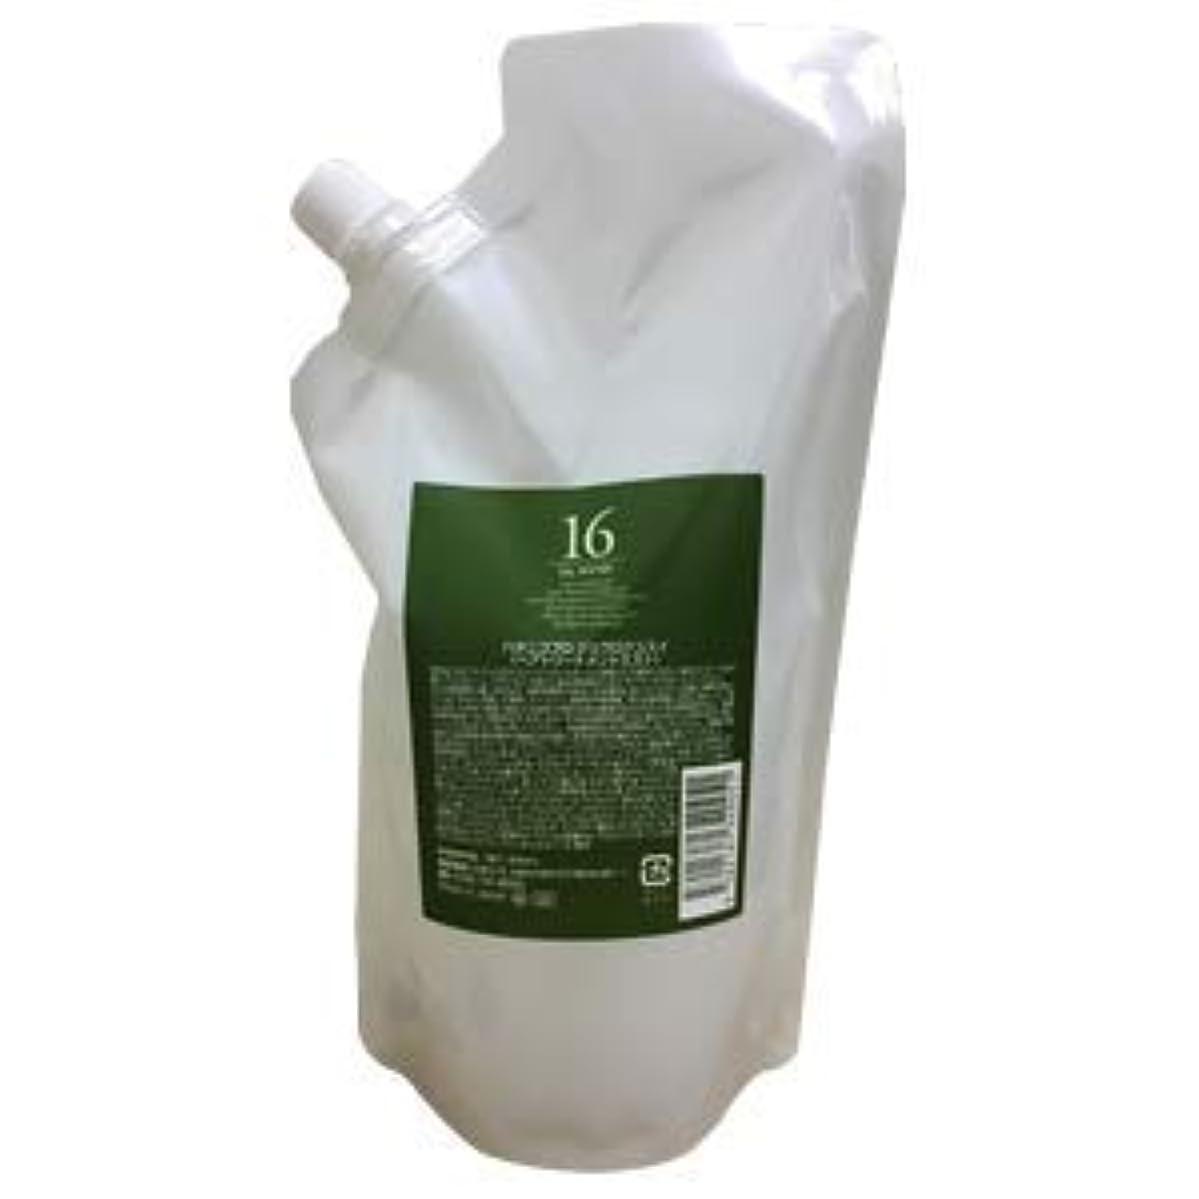 成熟マウント理解ハホニコ 十六油水 (16油水 ジュウロクユスイ) 500mL 詰替え用